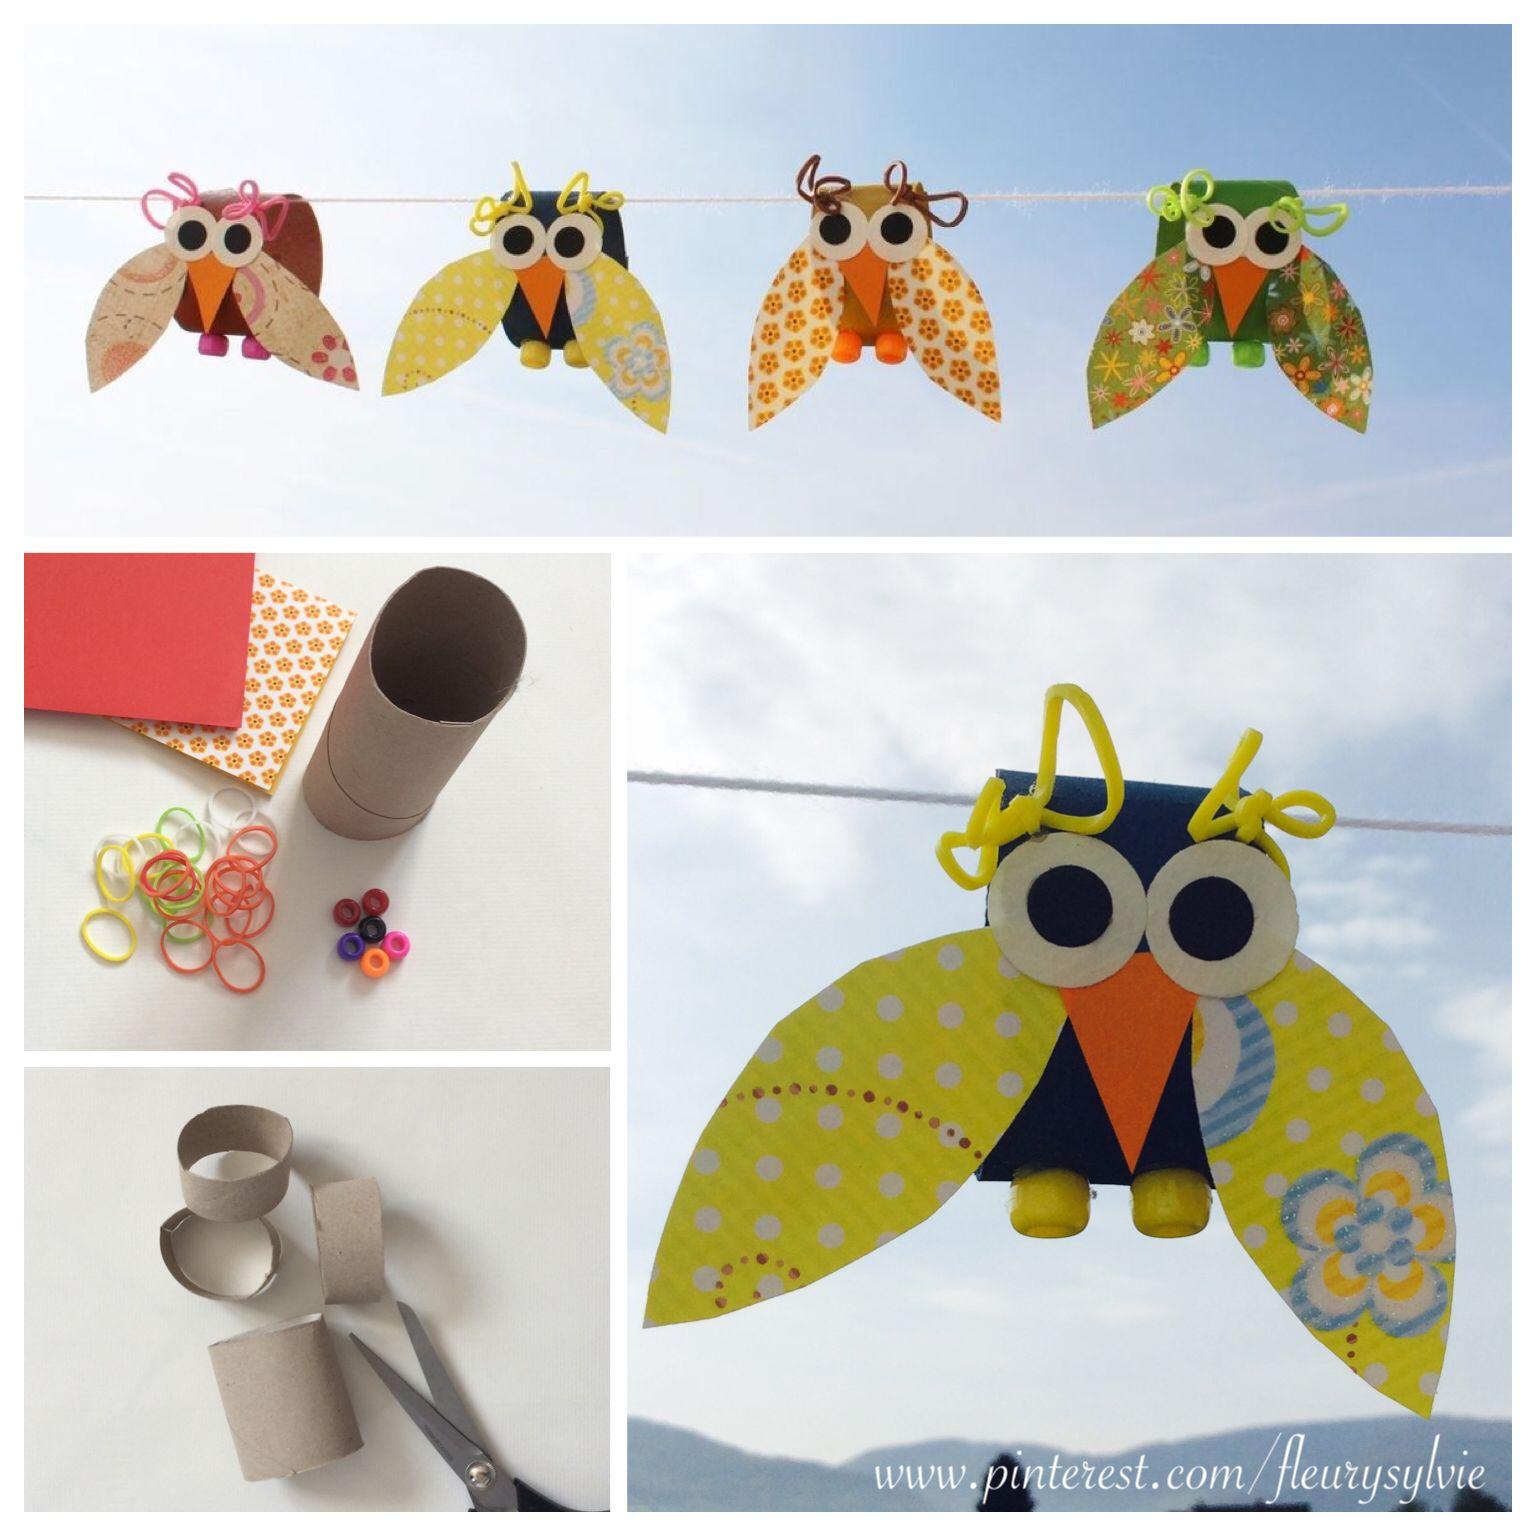 bricolage enfant petits oiseaux avec rouleau papier wc et. Black Bedroom Furniture Sets. Home Design Ideas